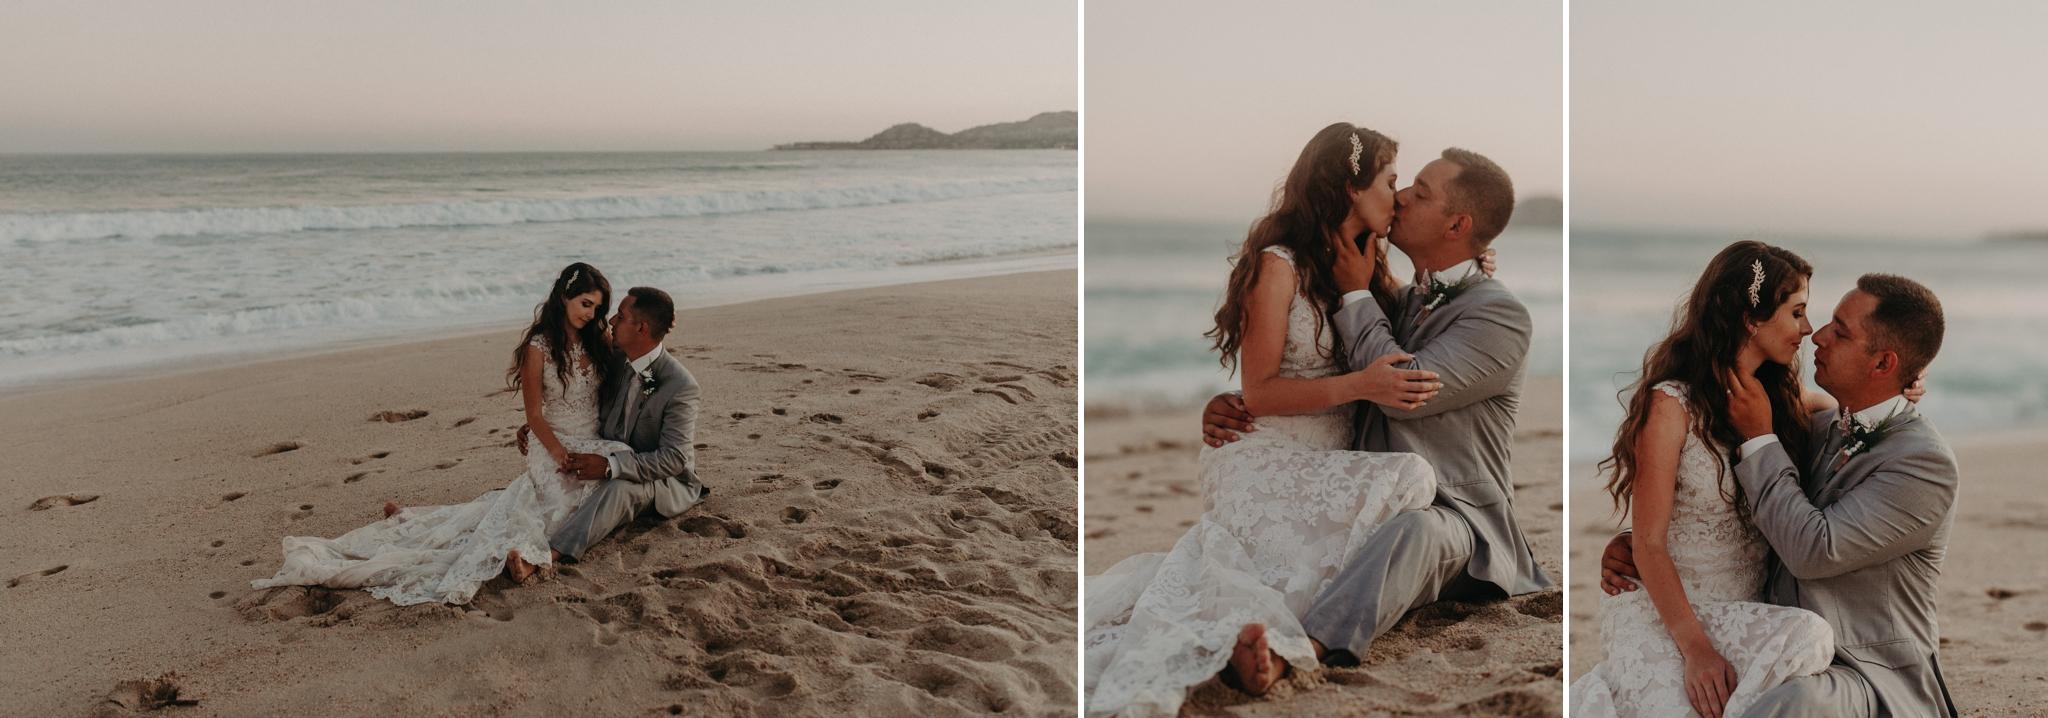 hawaii-wedding-photography15.jpg